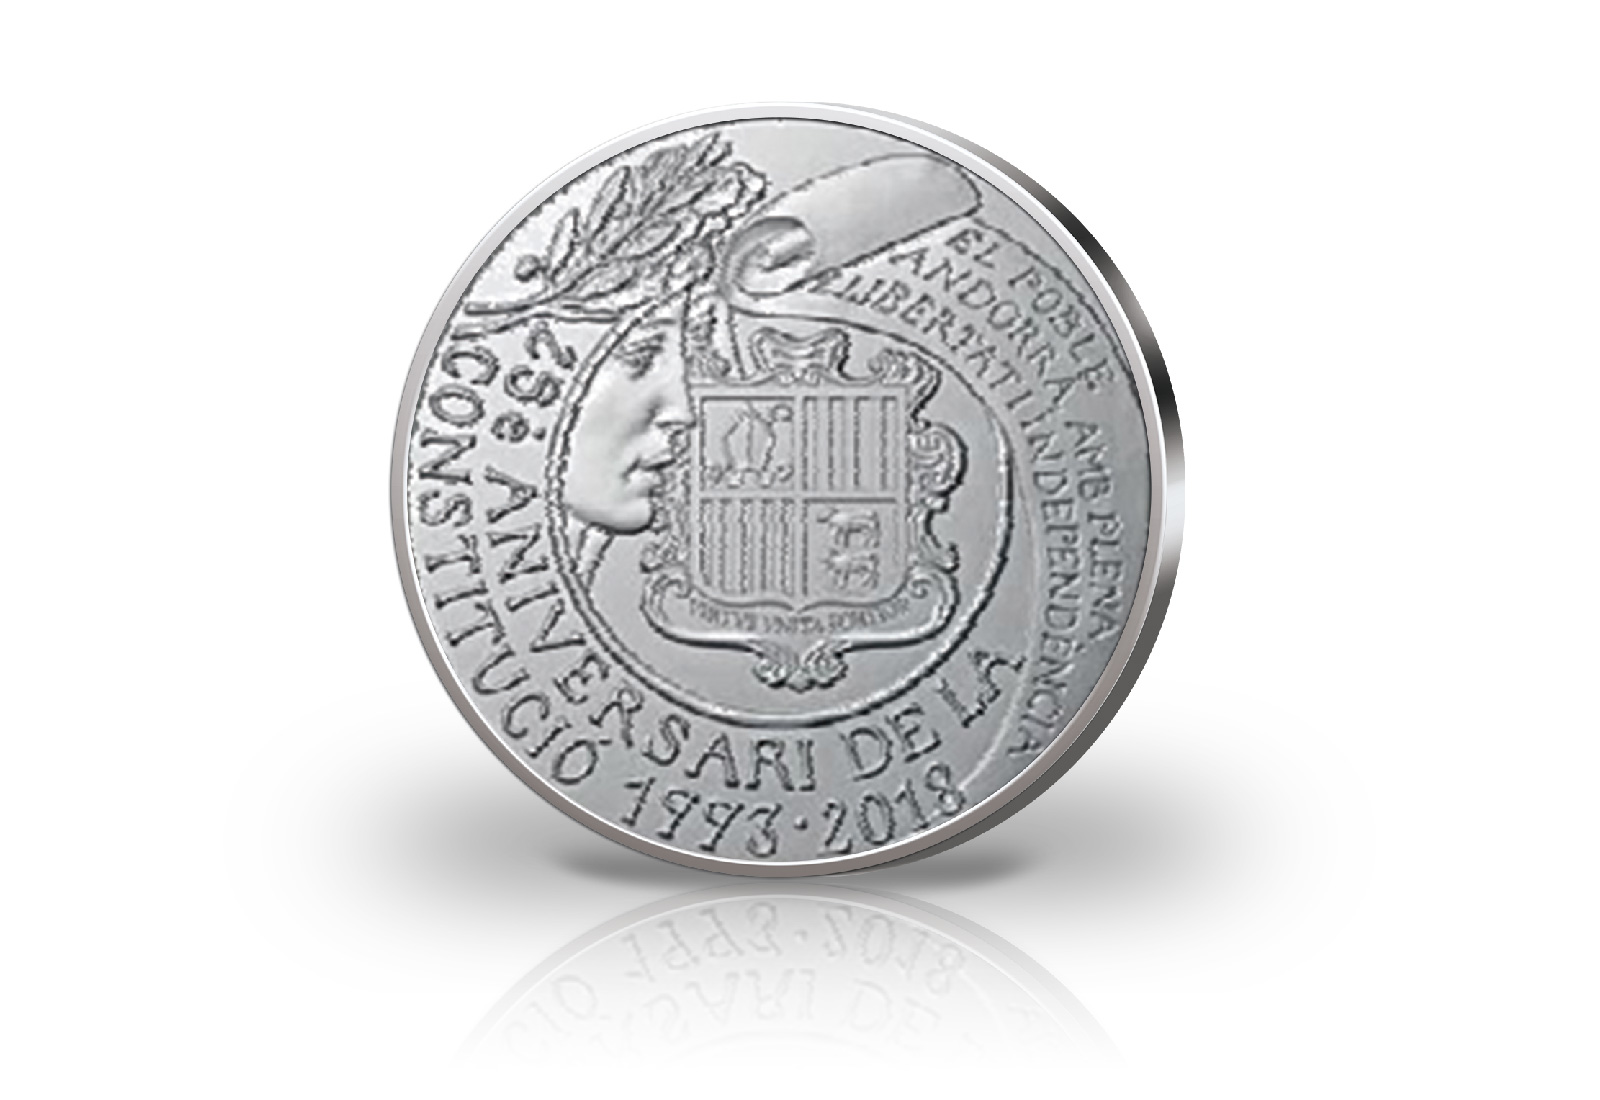 Andorra 5 Euro Silbermünze 2018 25 Jahre Verfassung Andorra Euro